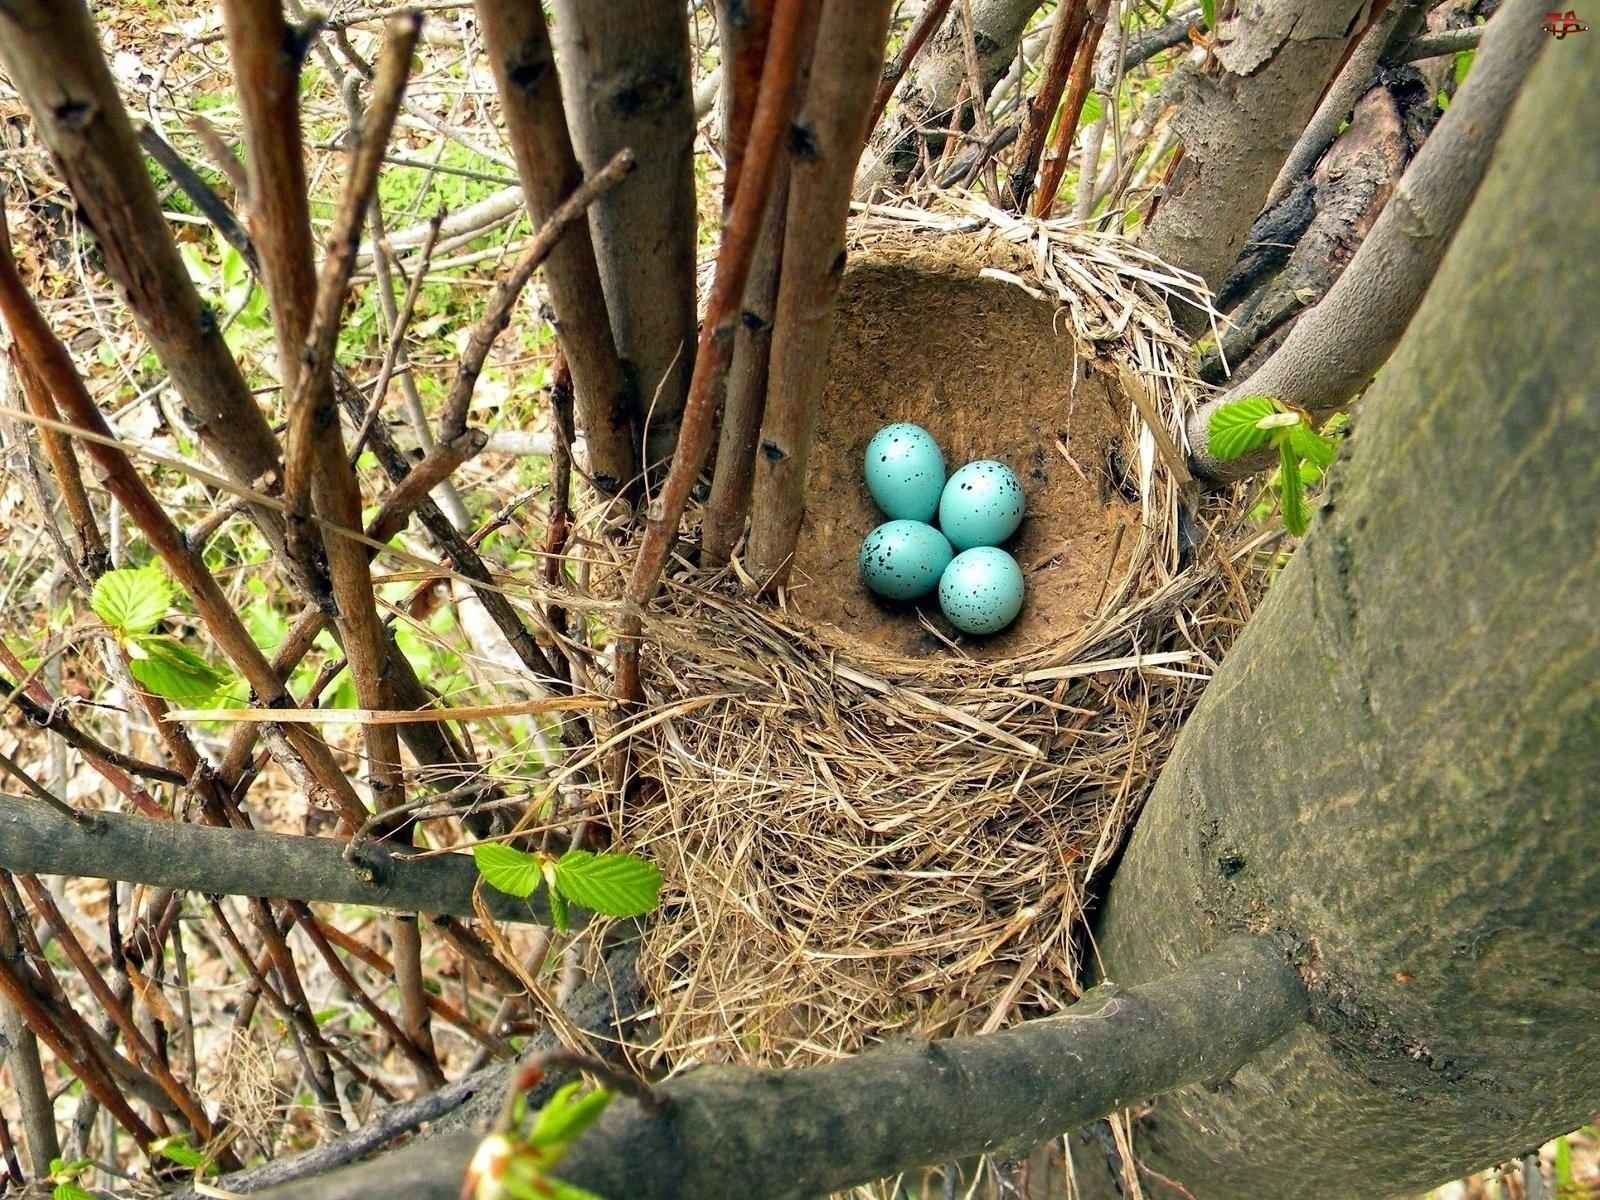 Niebieskie, Konary, Ptasie, Drzewa, Gniazdo, Jajeczka